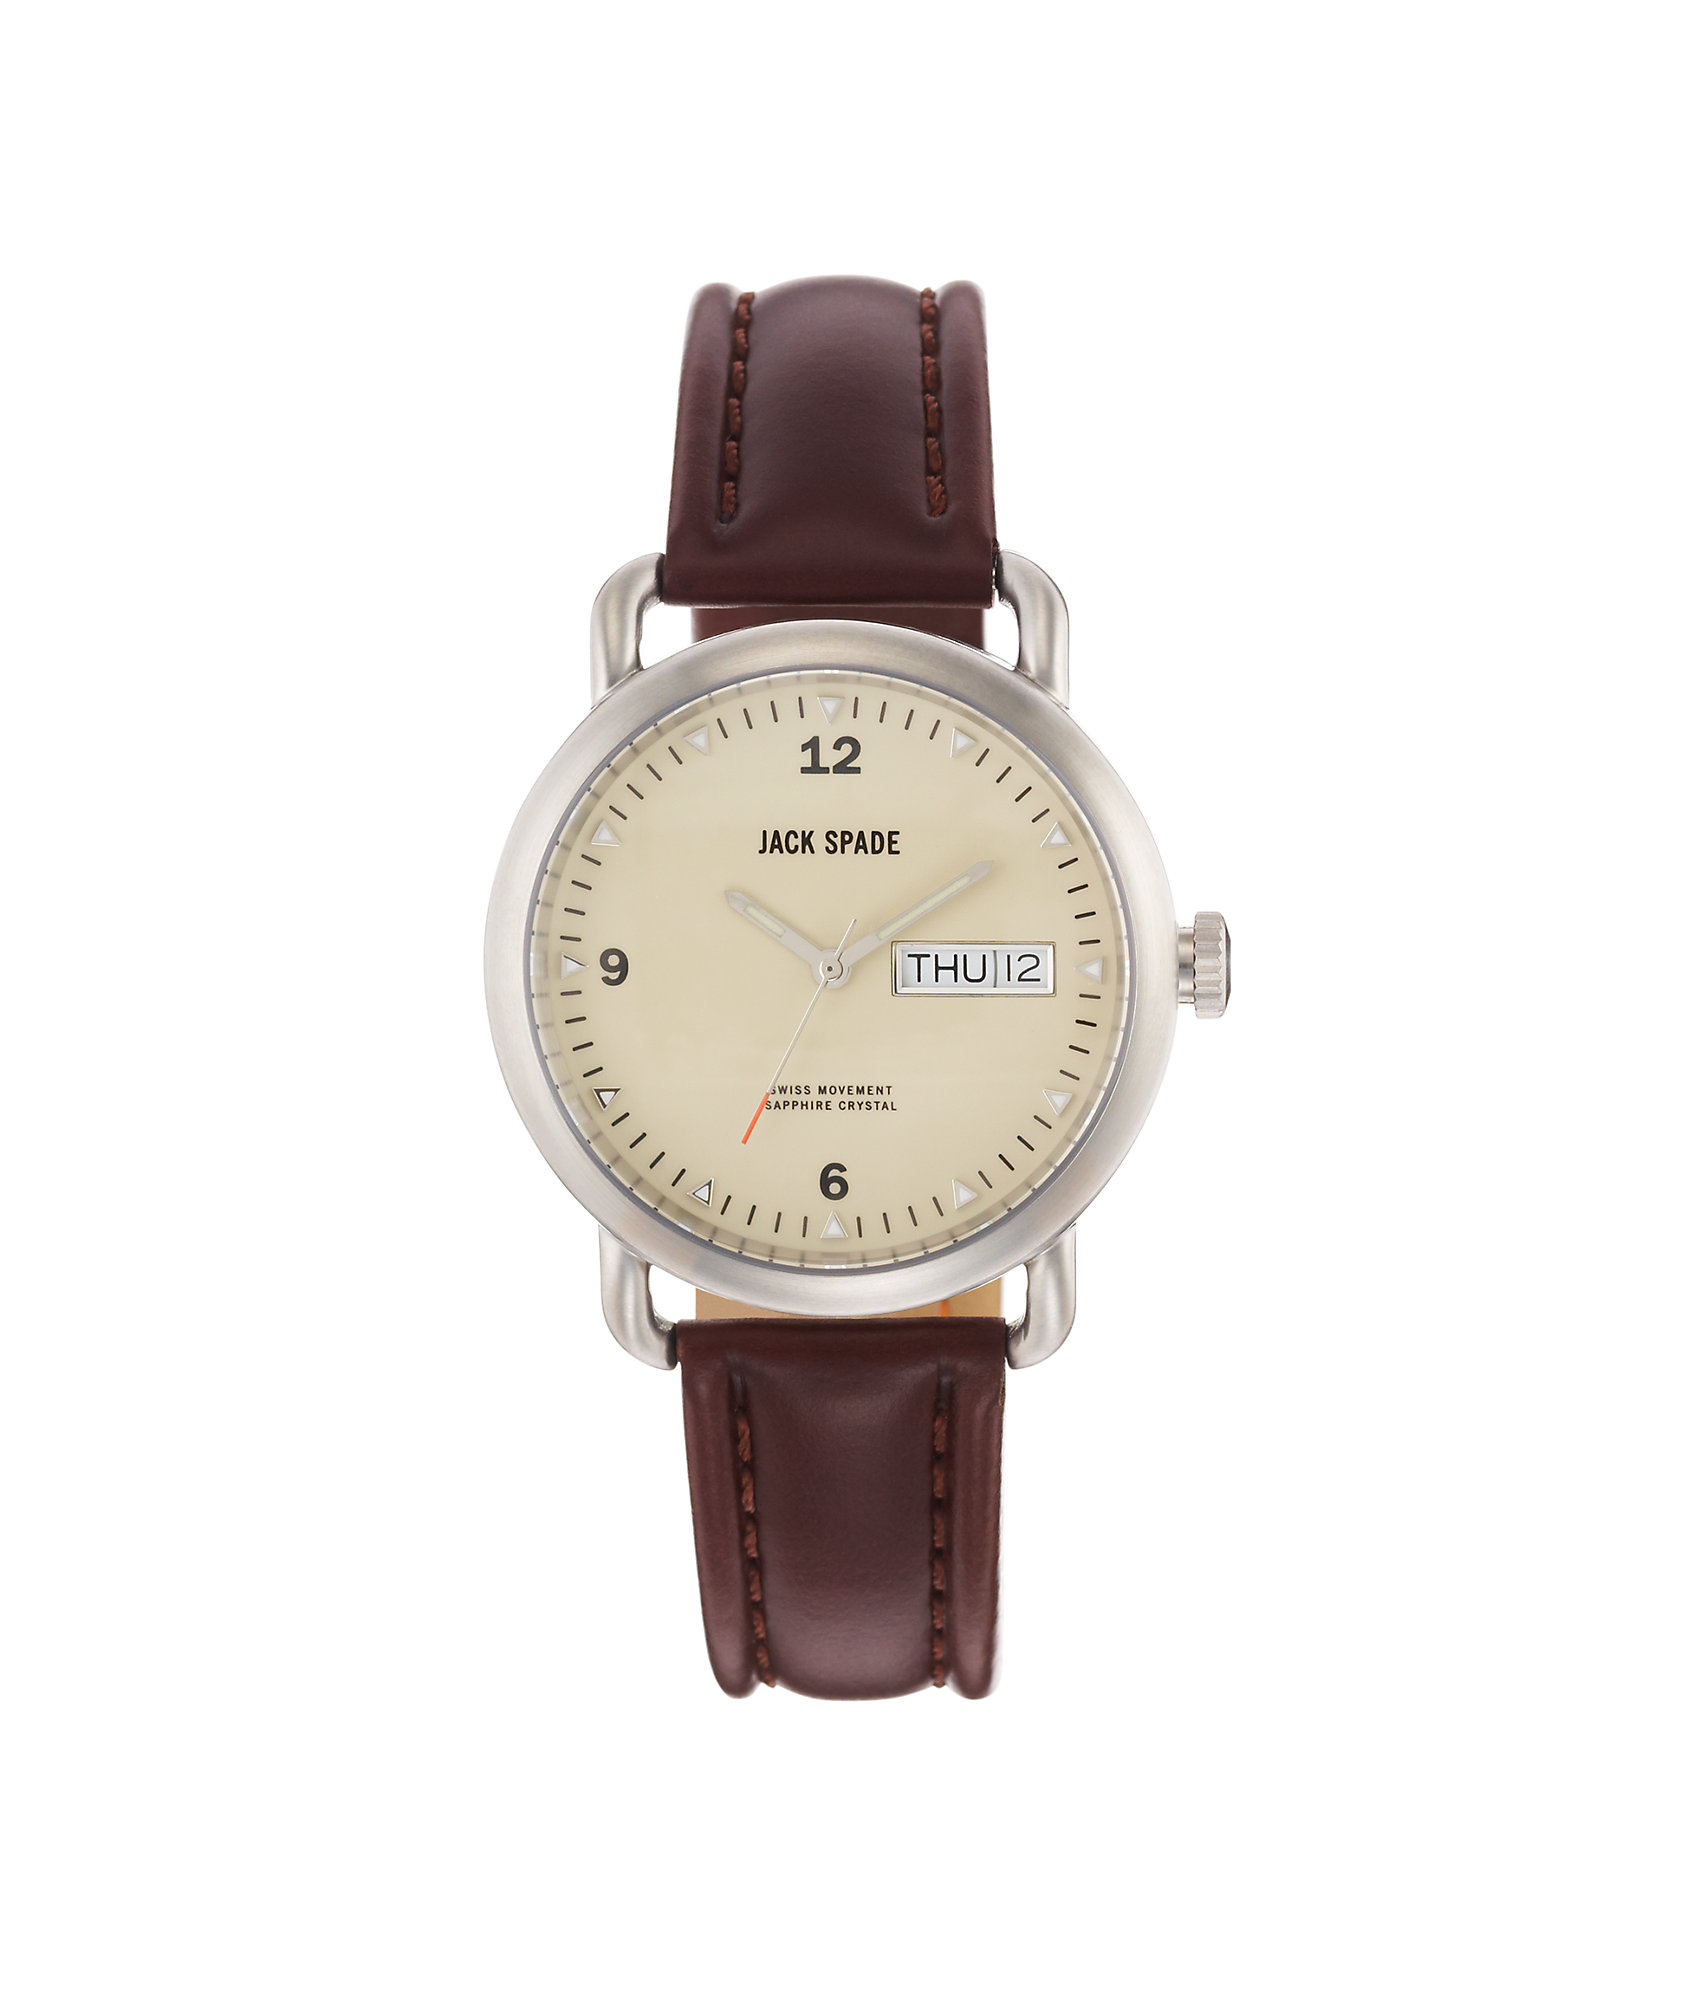 Stillwell 38mm Watch